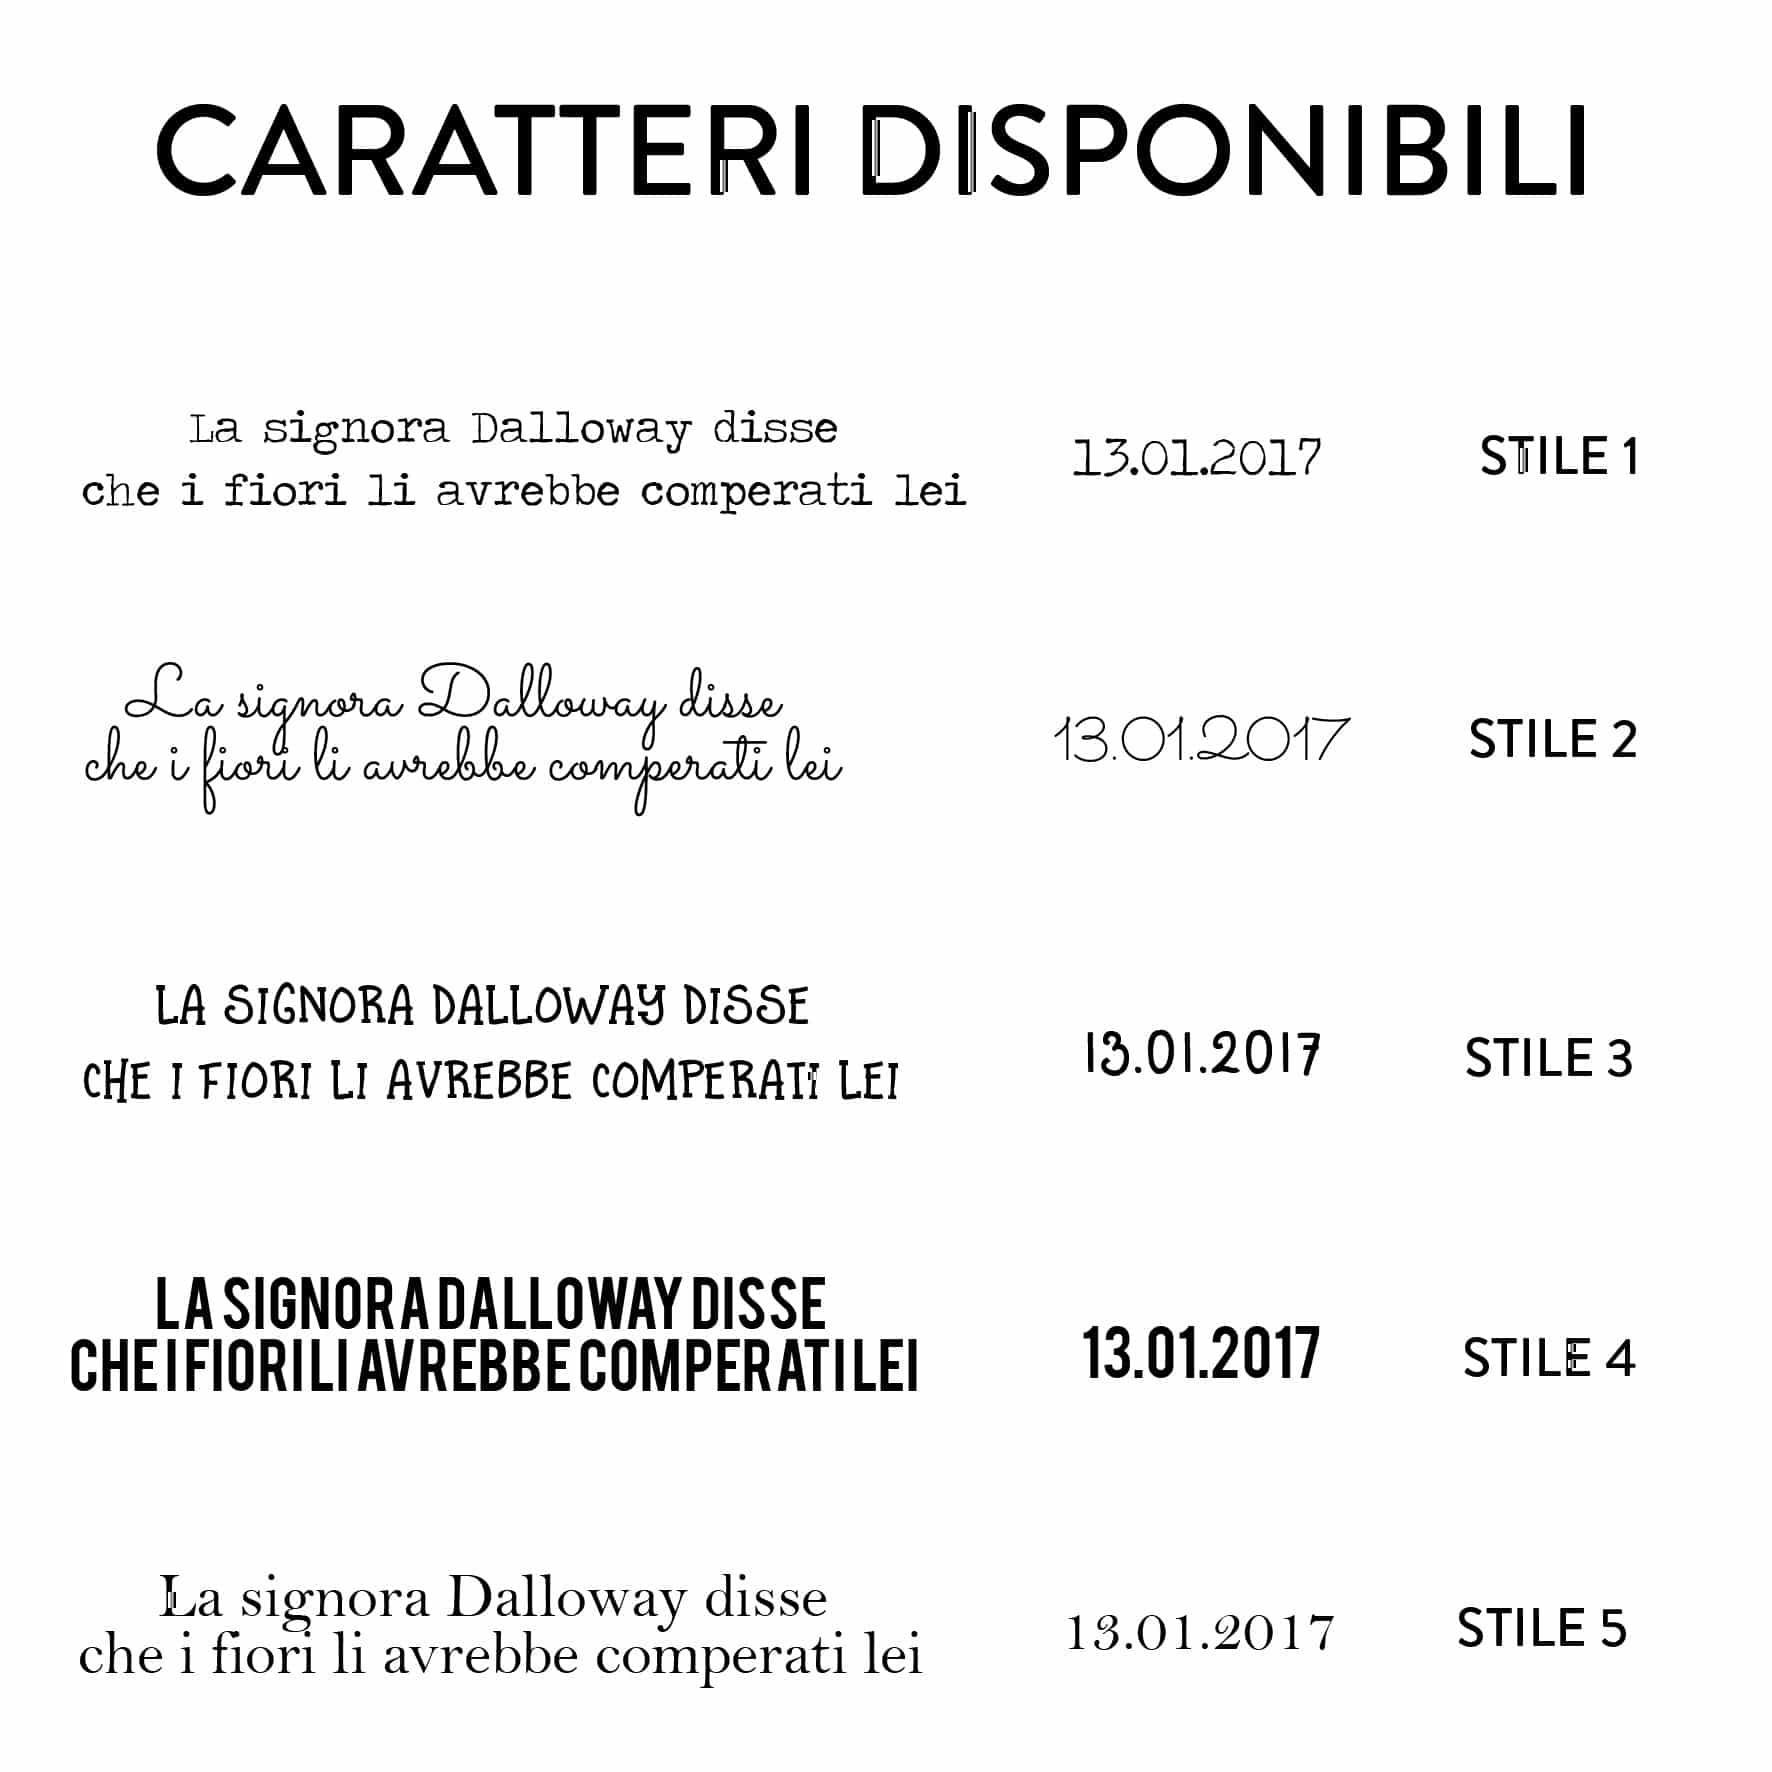 CARATTERI-DISPONIBILI CUOIO-01